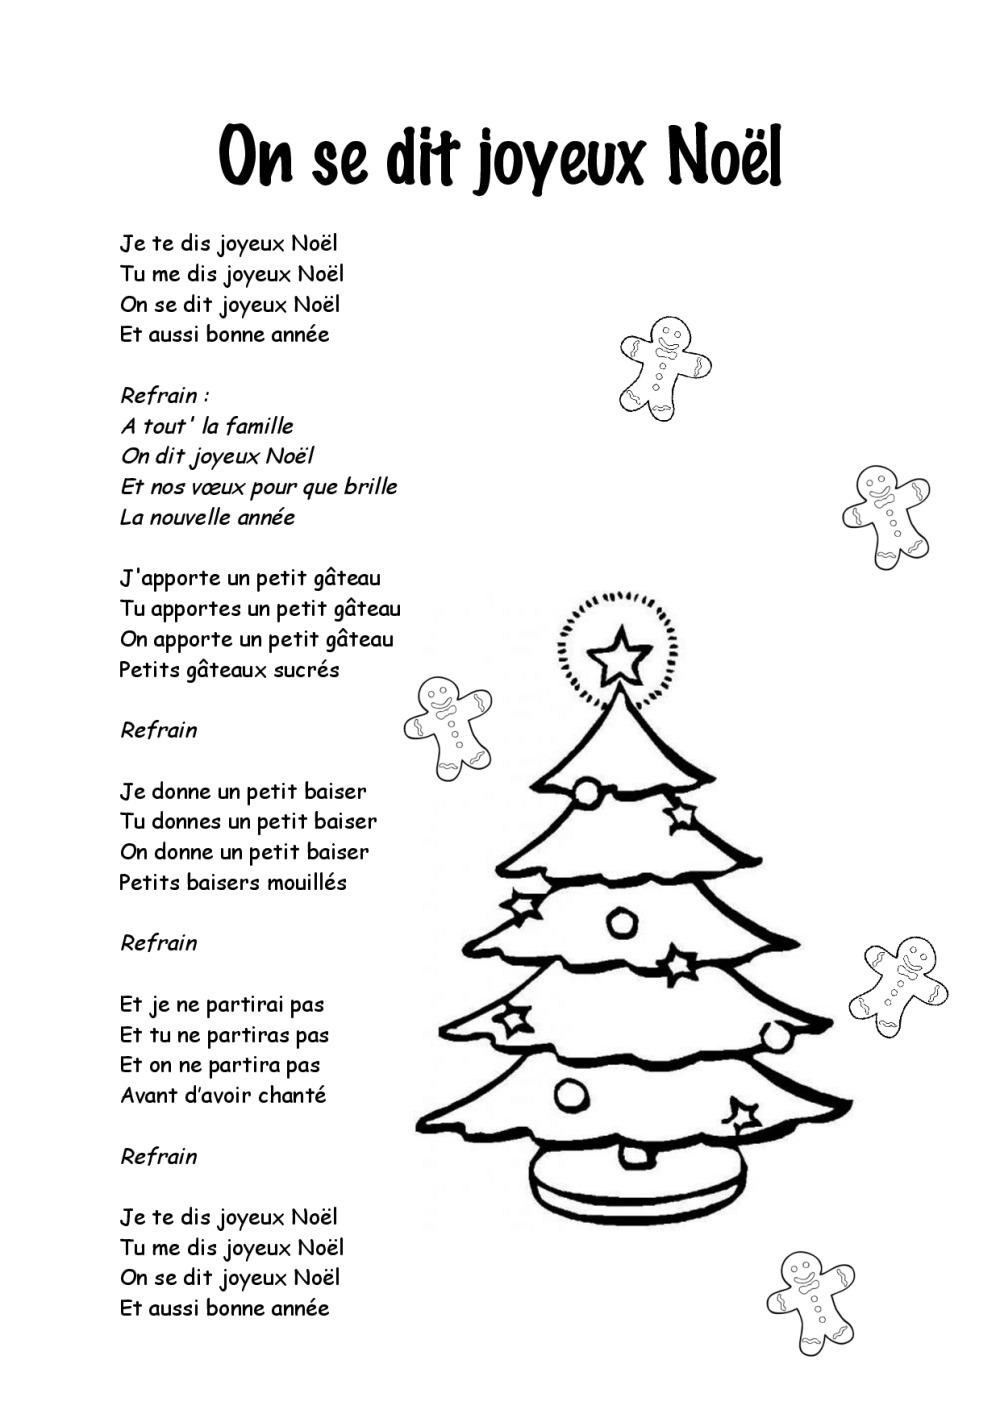 Paroles Chansons De Noël Bdrp